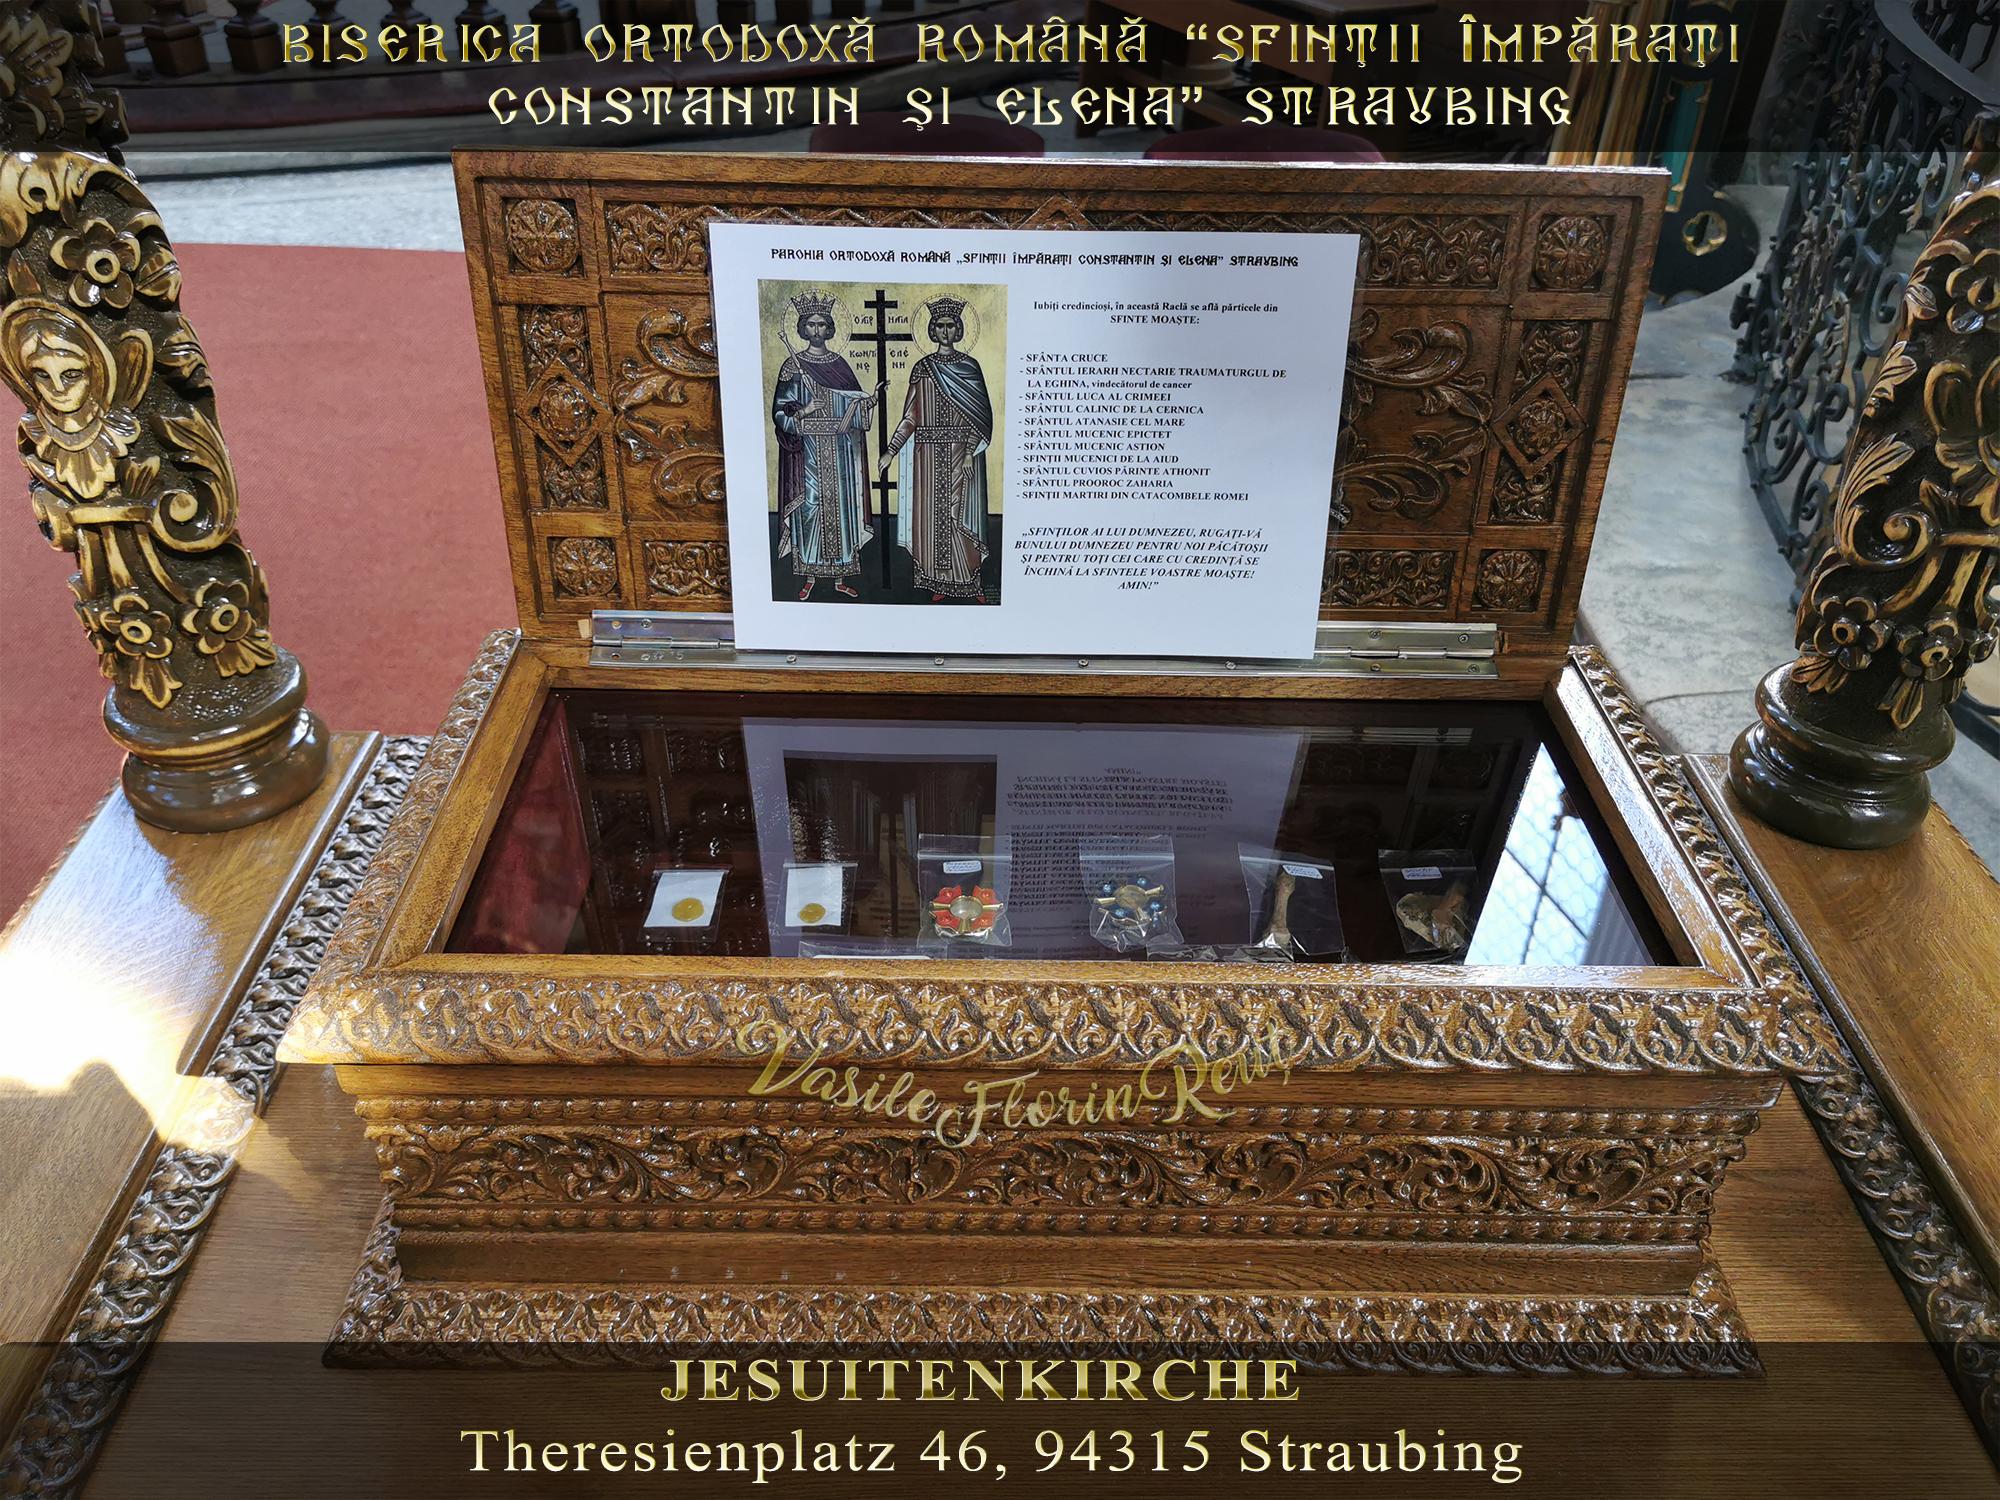 SFINTELE MOAŞTE expuse spre închinare în Biserica Ortodoxă Română din Straubing